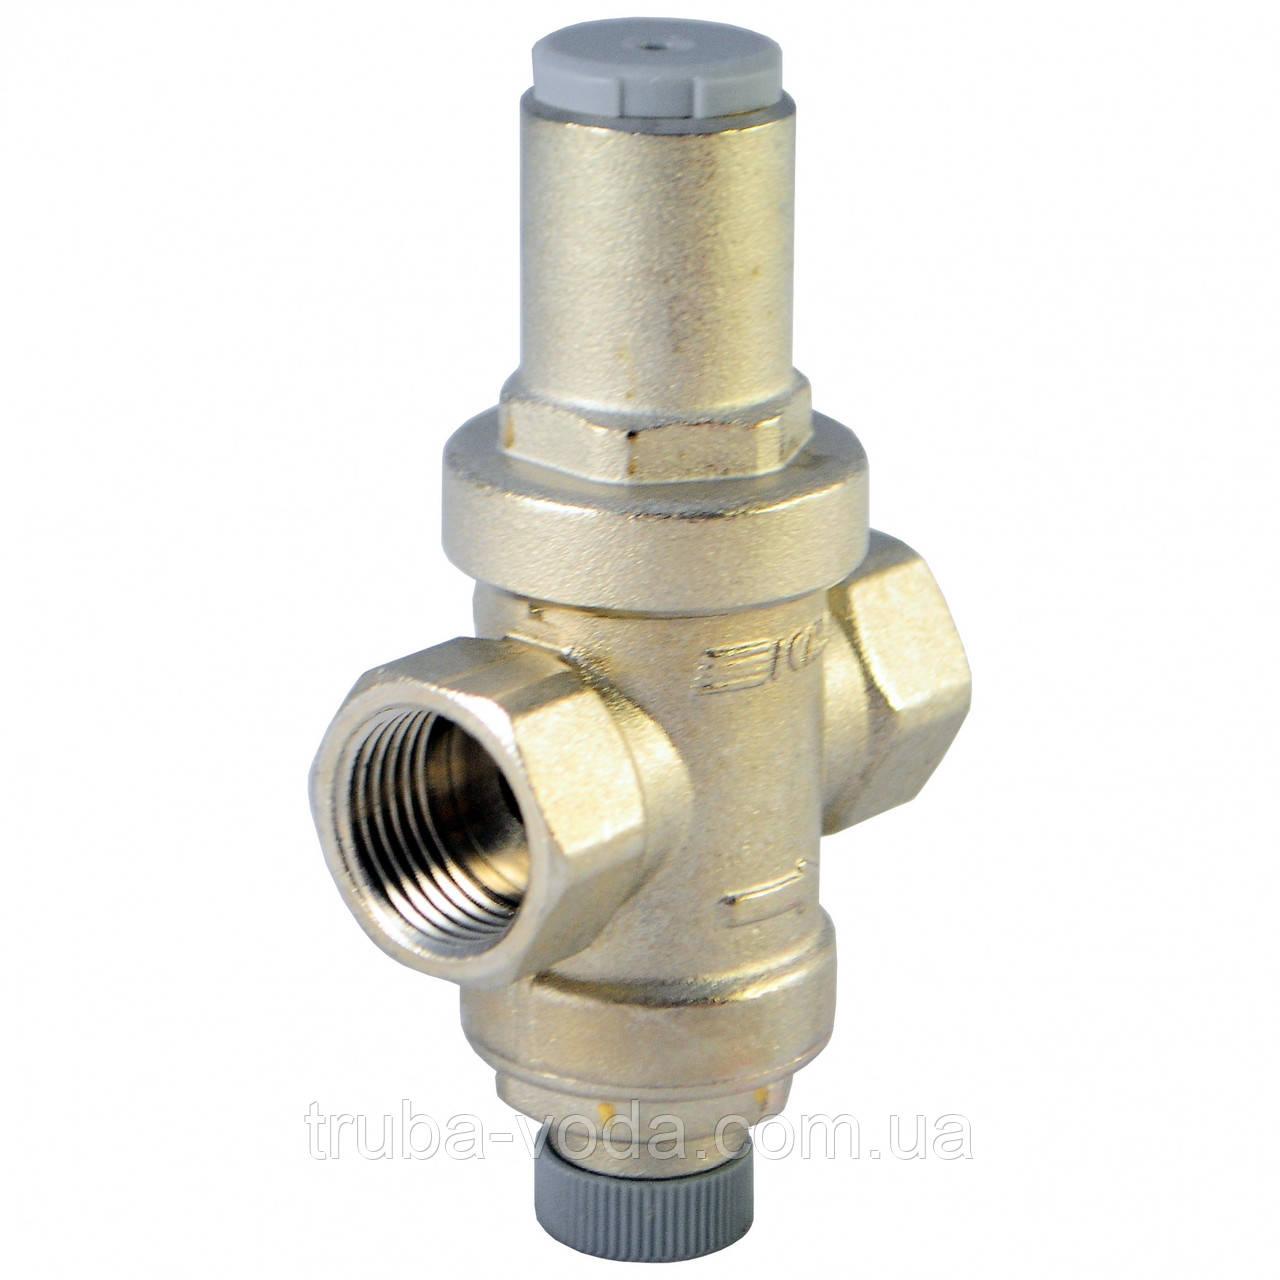 Редуктор давления воды 1/2  ICMA(Италия) (под манометр)